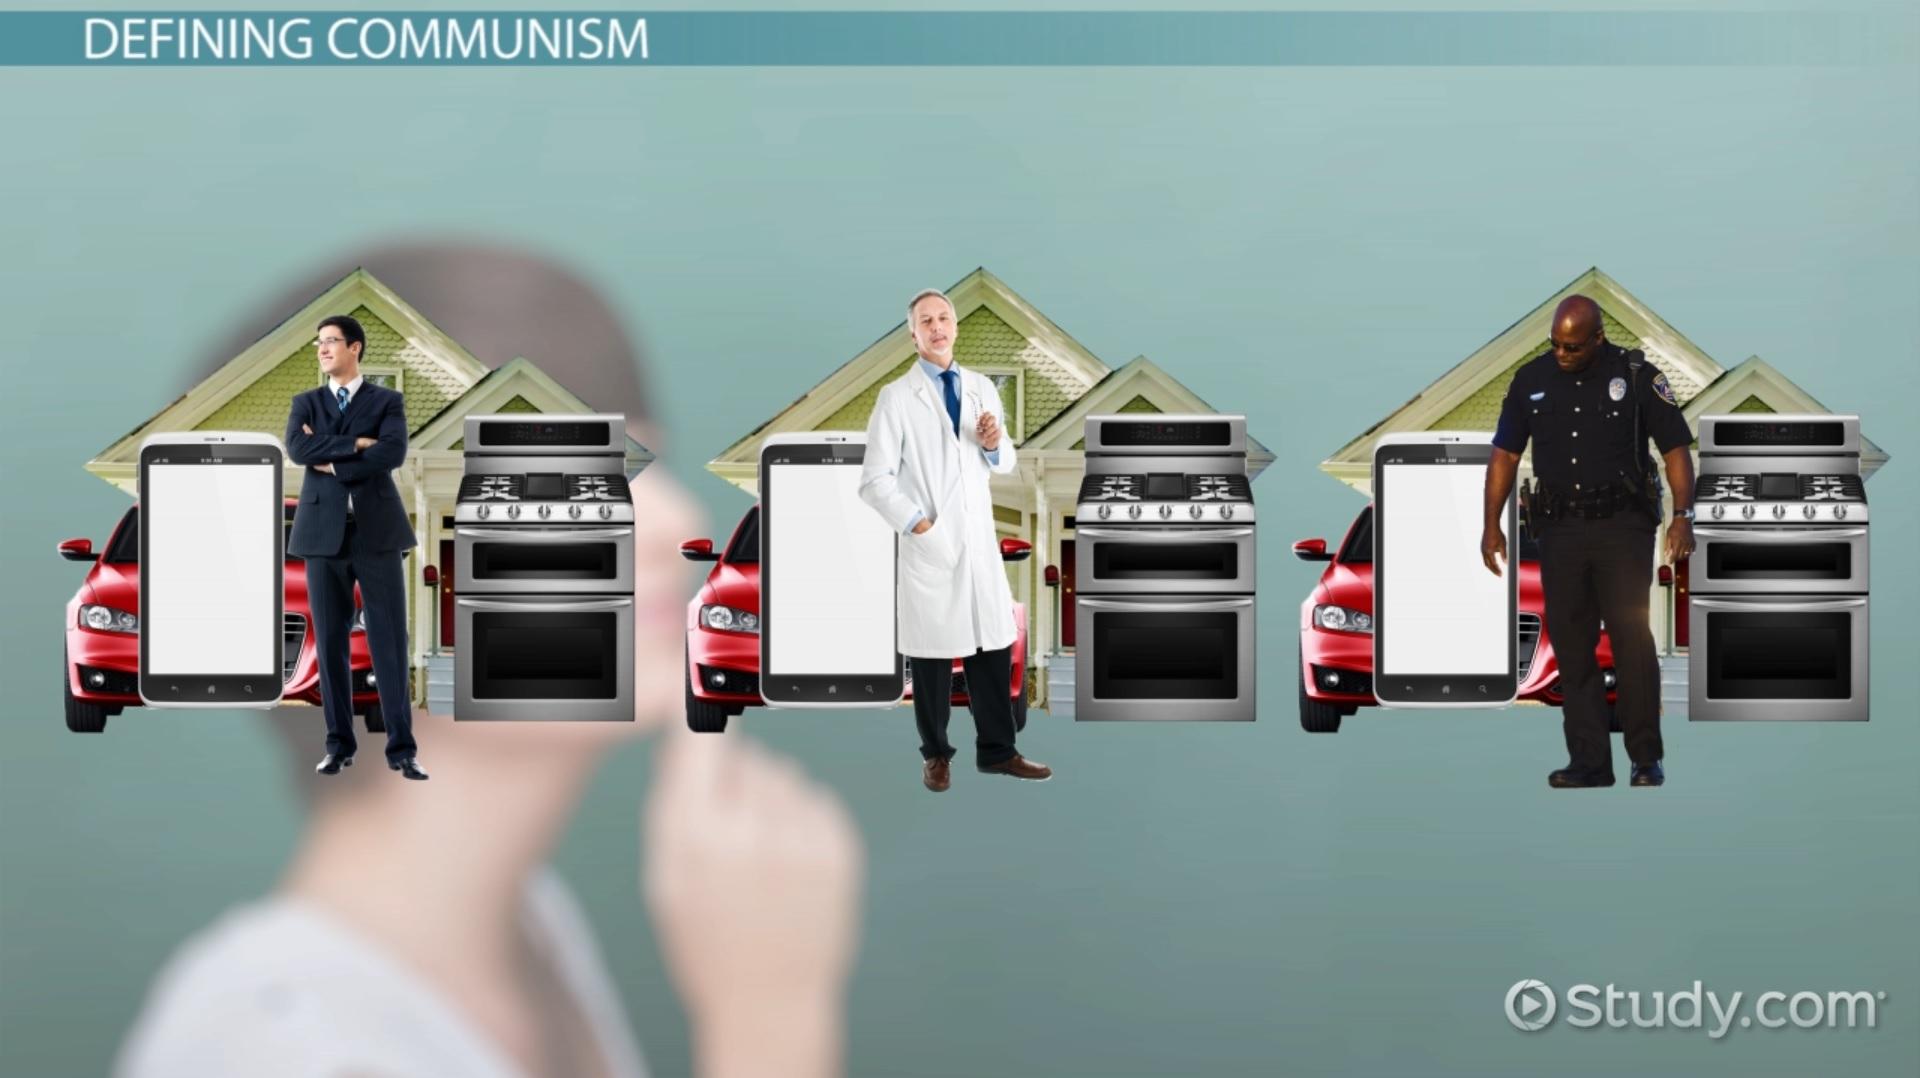 communism definition examples video lesson transcript communism definition examples video lesson transcript com